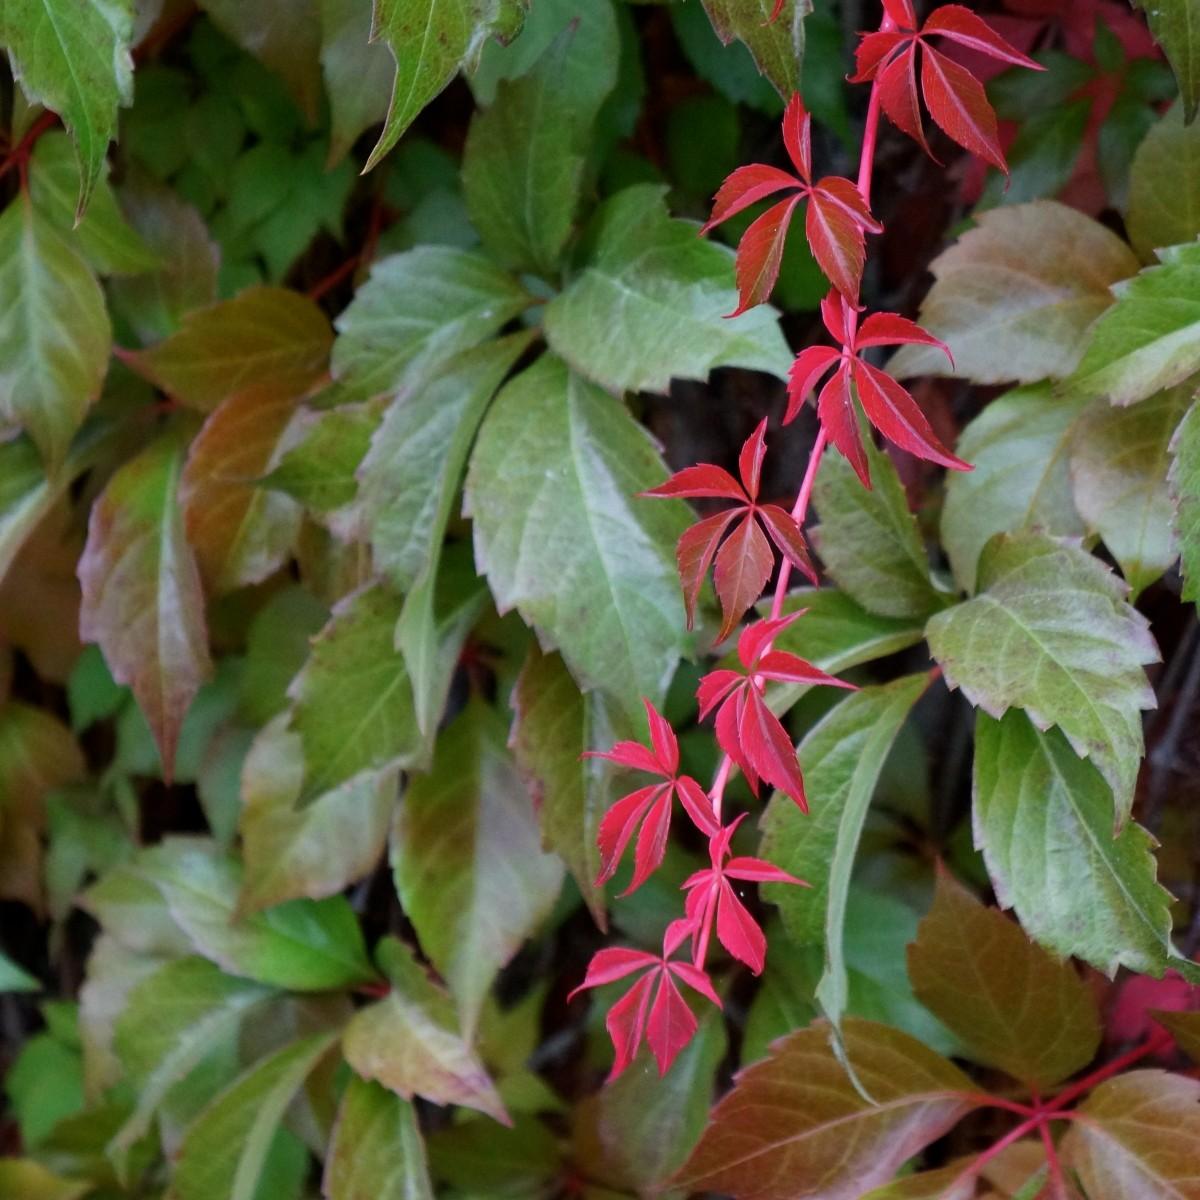 images gratuites arbre feuille fleur rouge produire l 39 automne botanique jardin poire. Black Bedroom Furniture Sets. Home Design Ideas